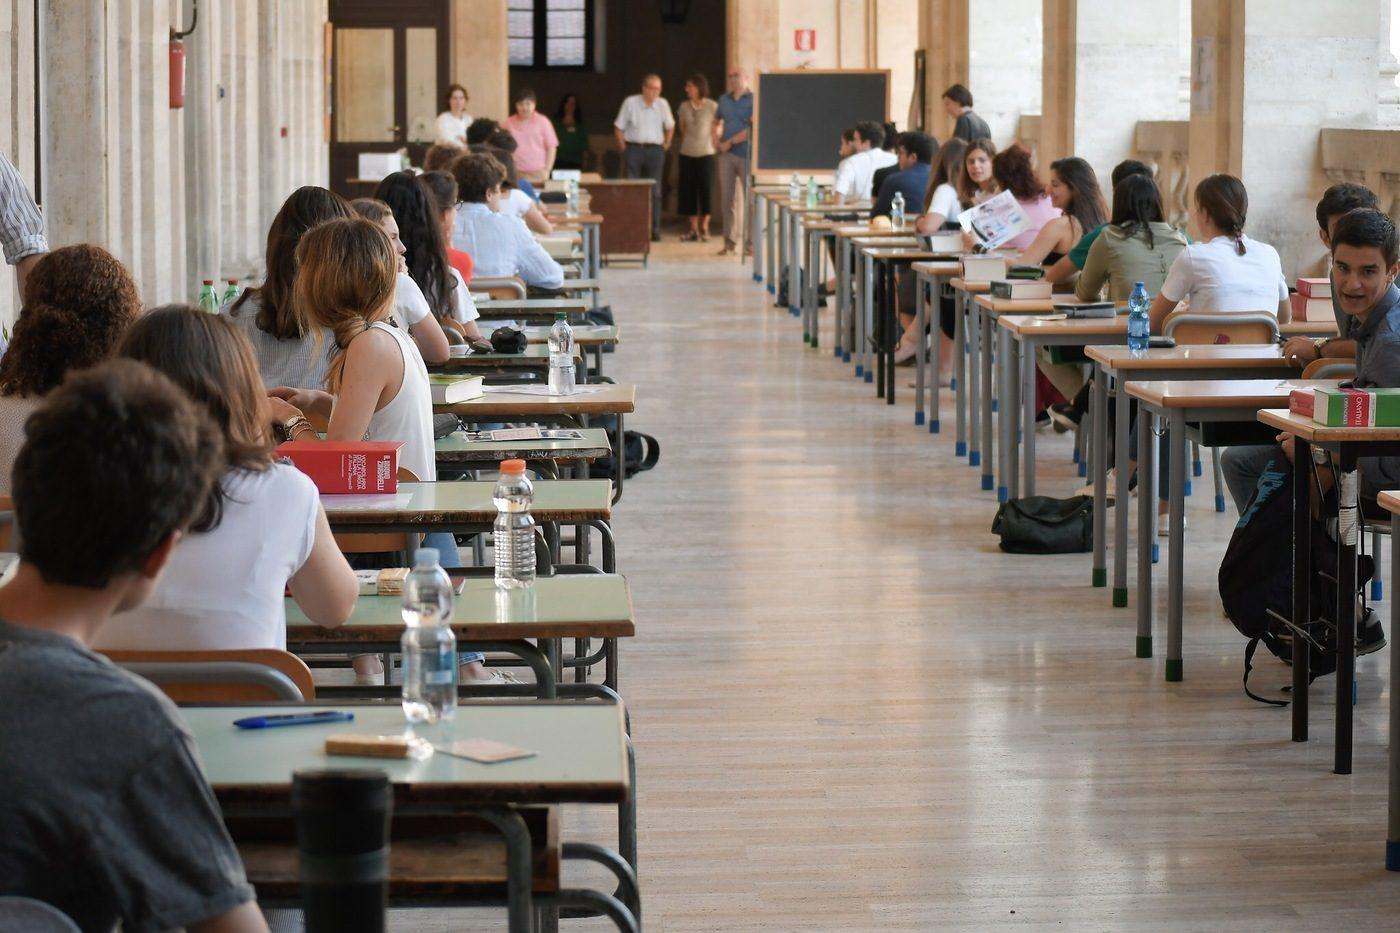 Giovani tra i banchi di scuola, la principale responsabile del fenomeno del mismatch